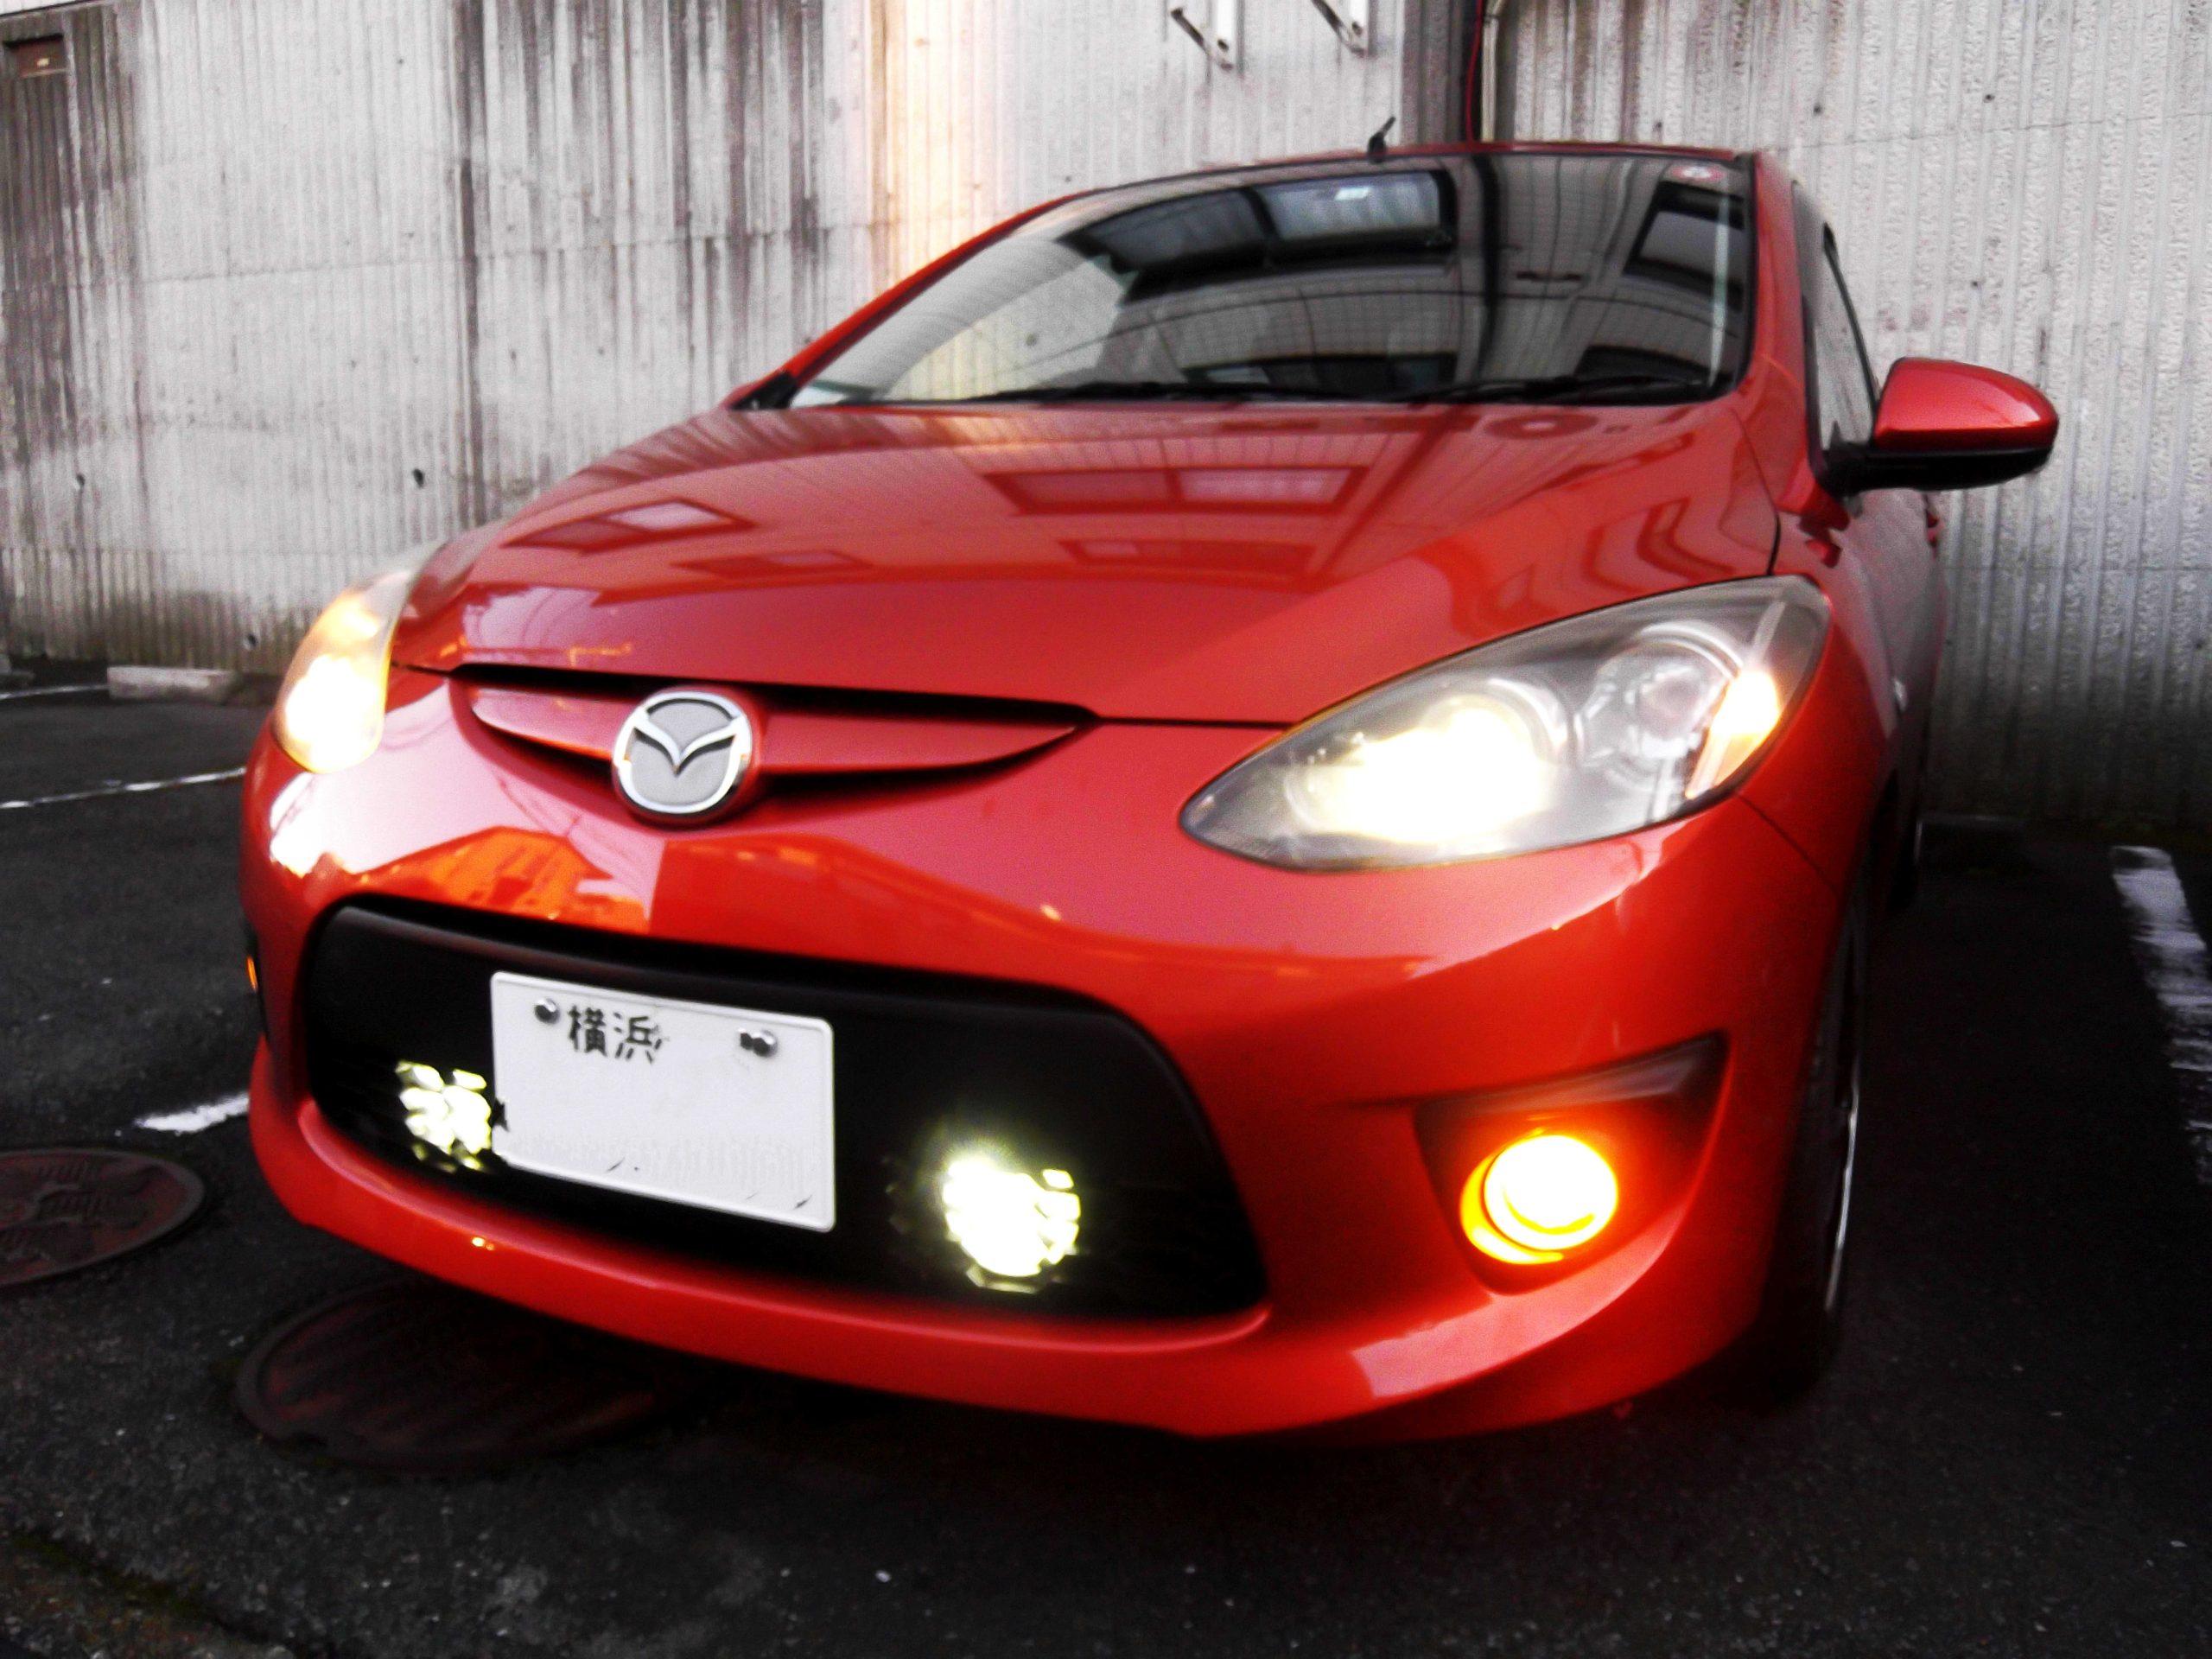 強烈な閃光力!!-6000k(ケルビン)LED丸型投光器を自動車のフロント内部のグリルの内側に装着した!!-成功レビュー